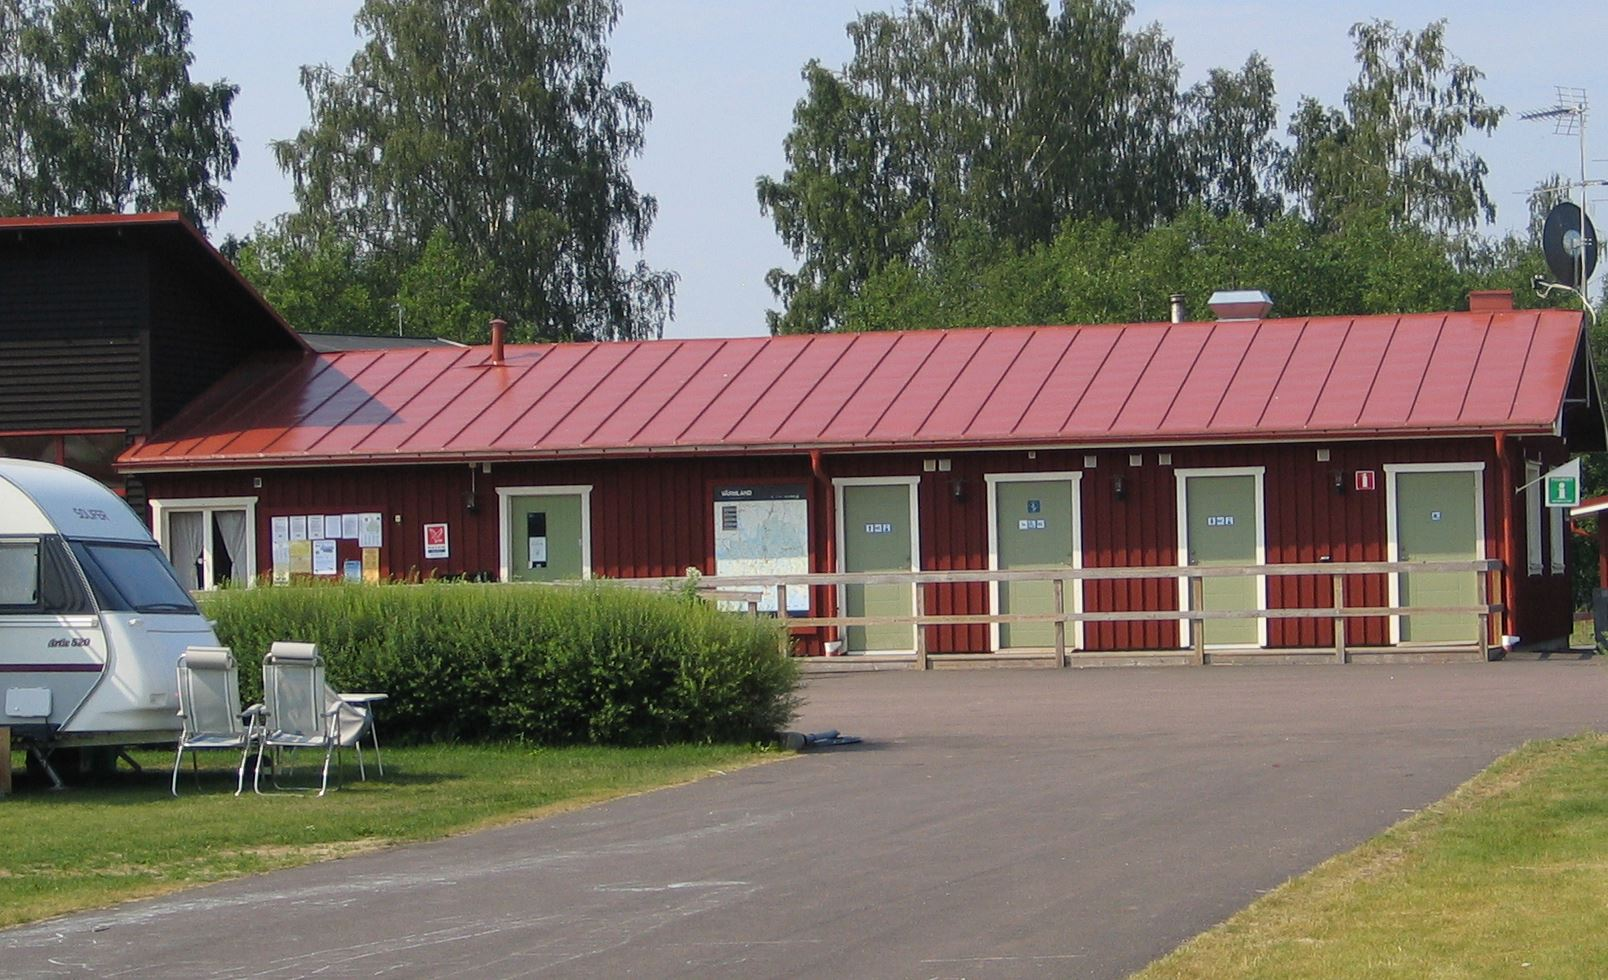 Forshagaforsens Camping/Camping